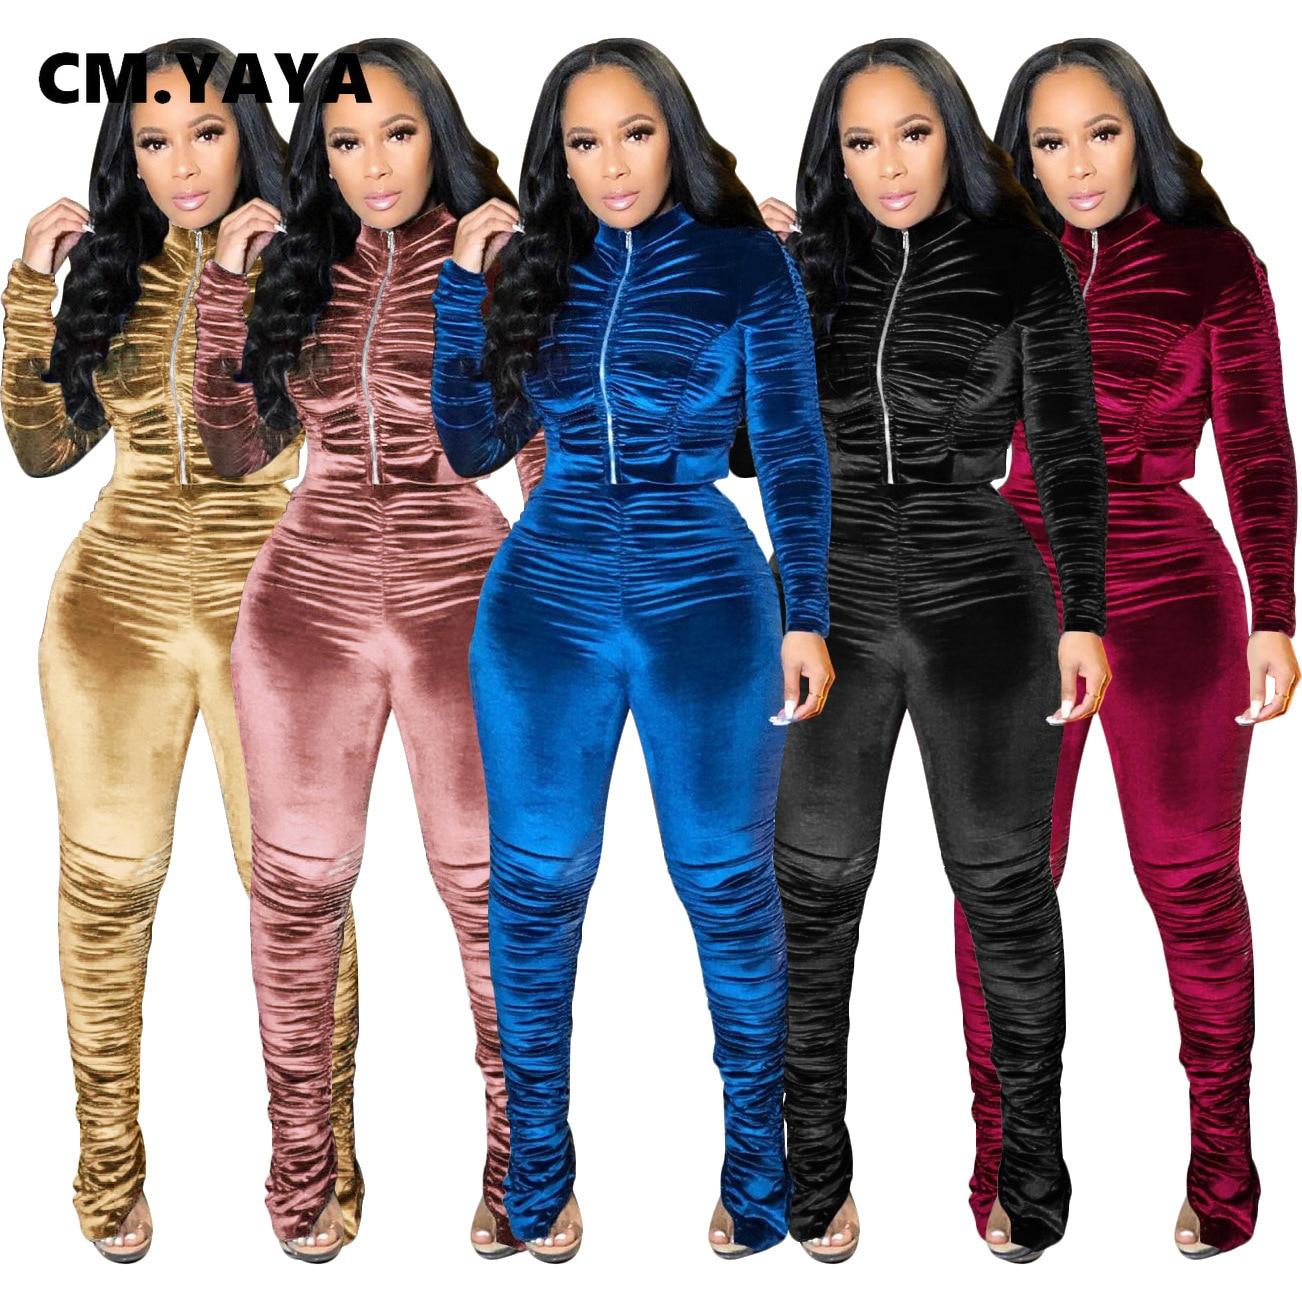 CM.YAYA aktywny aksamit ułożone kombinezon damski zestaw kurtka z zamkiem spodnie garnitur Streetwear dres dwuczęściowy zestaw strój Fitness